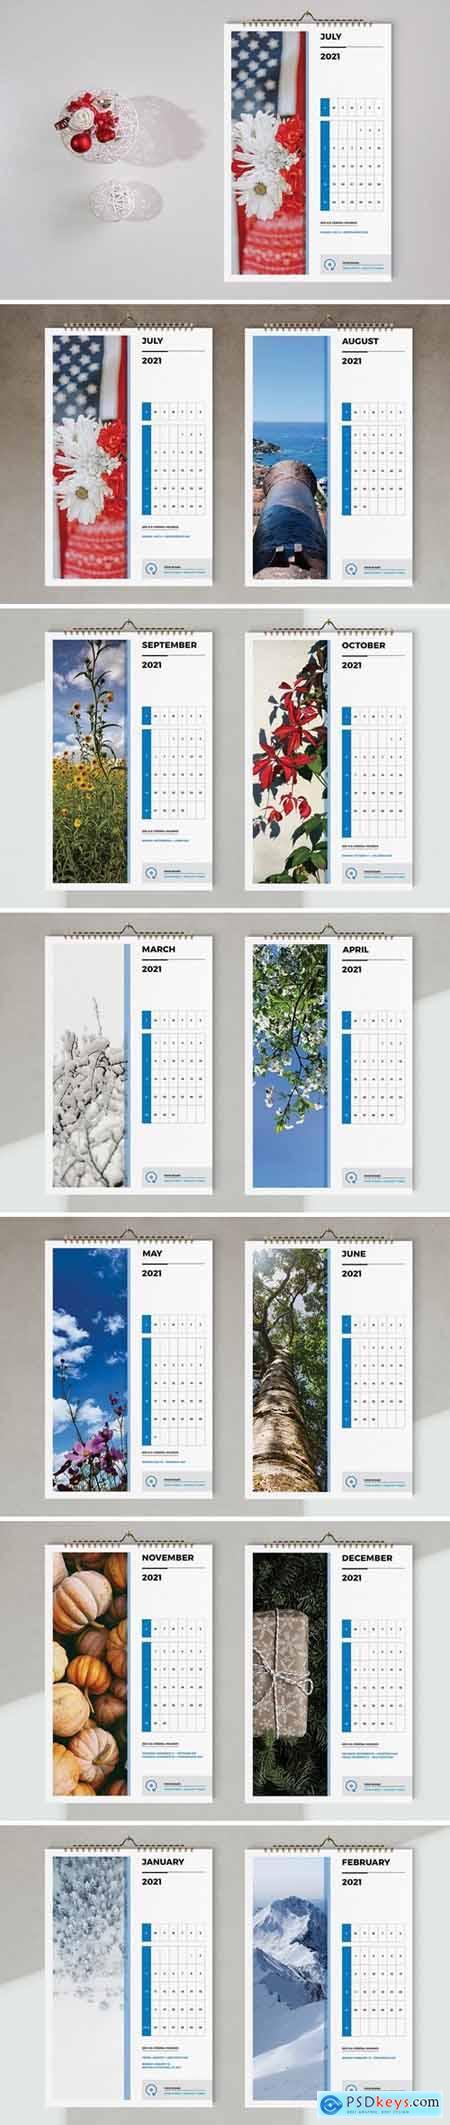 Wall Calendar 2021 Template 5667400